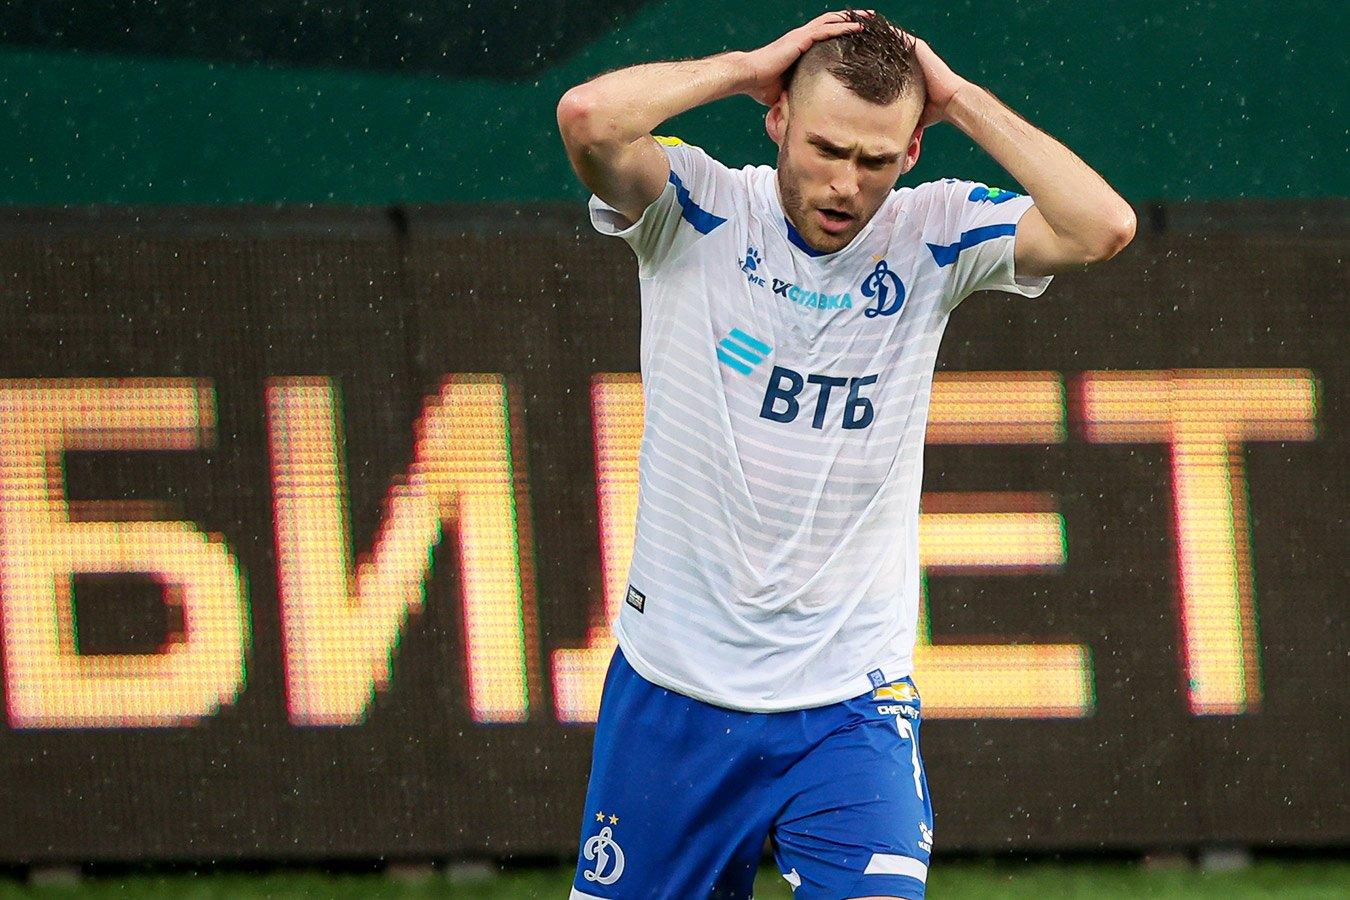 Московское «Динамо» лишилось шансов на попадание в еврокубки